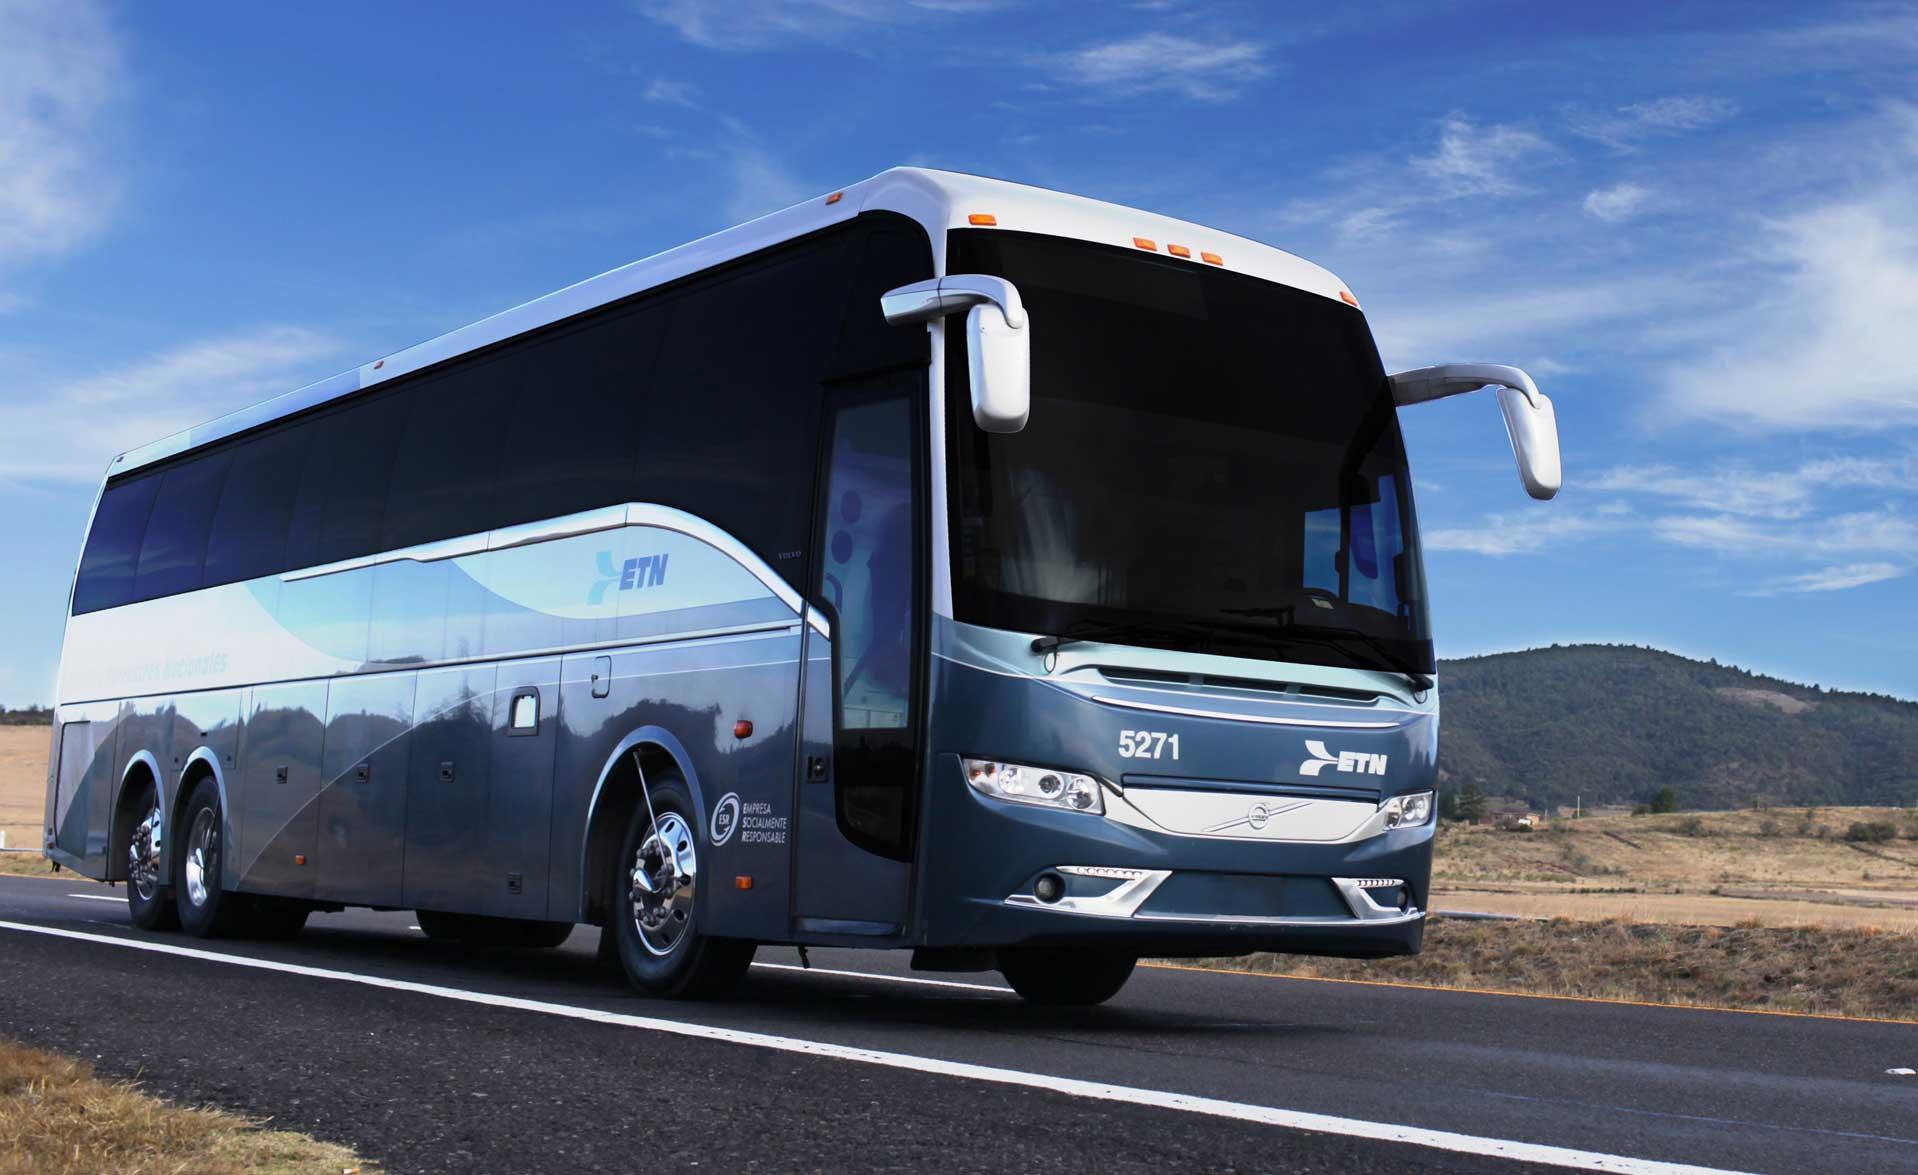 La Cofece investiga prácticas monopólicas en servicio de transporte de pasajeros